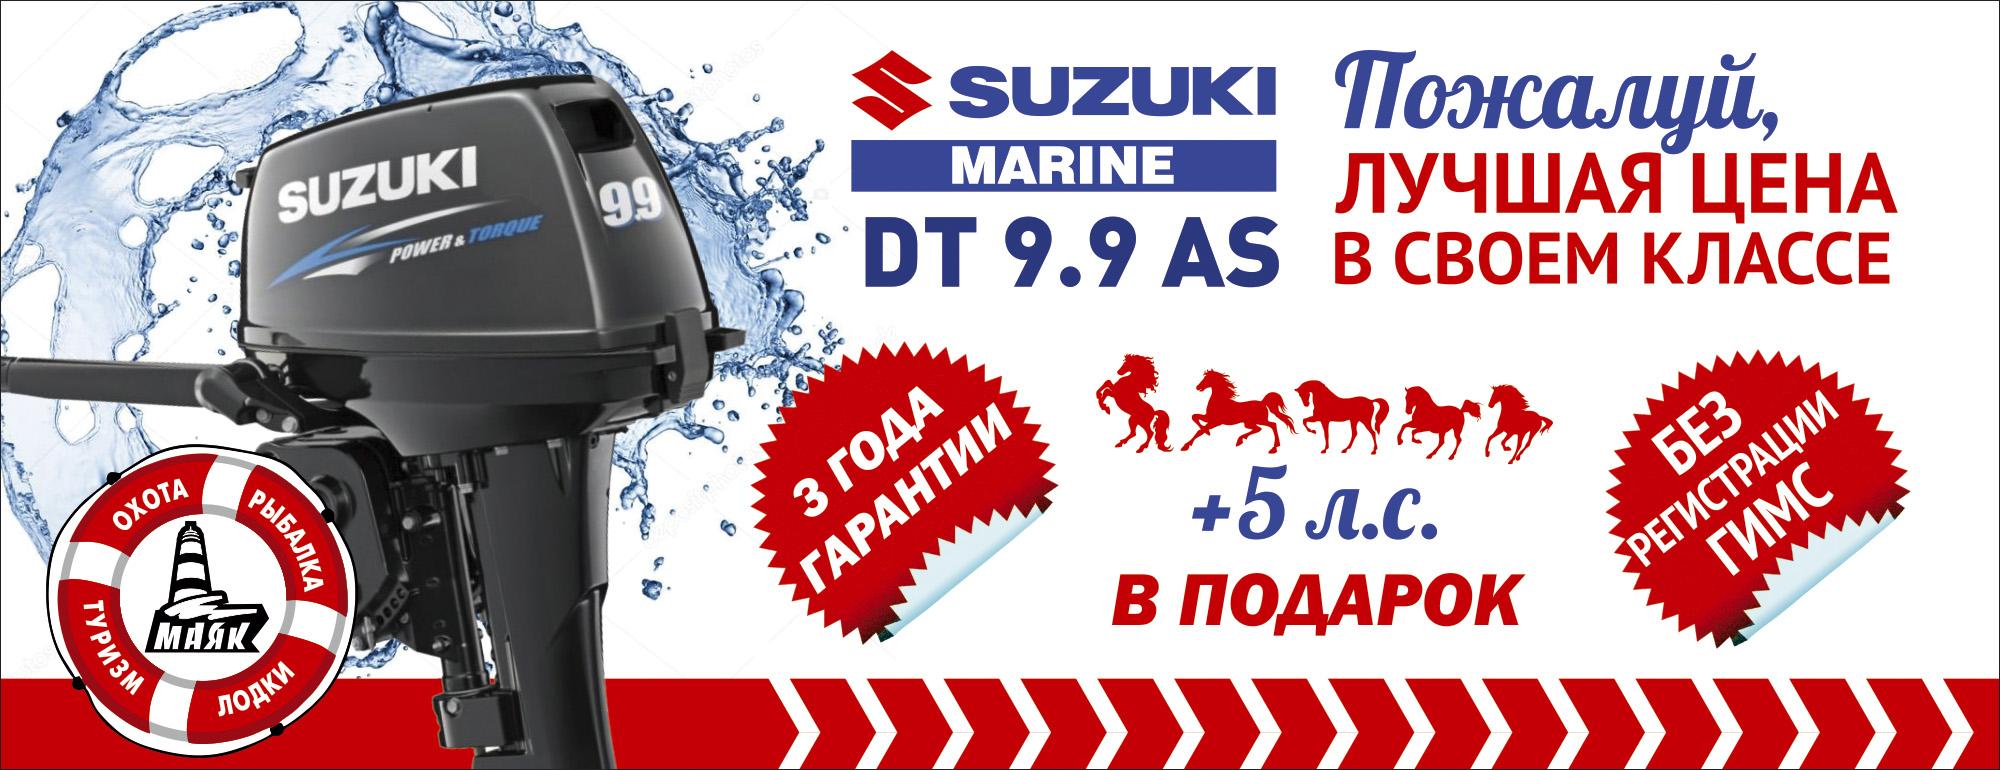 Suzuki DT 9.9